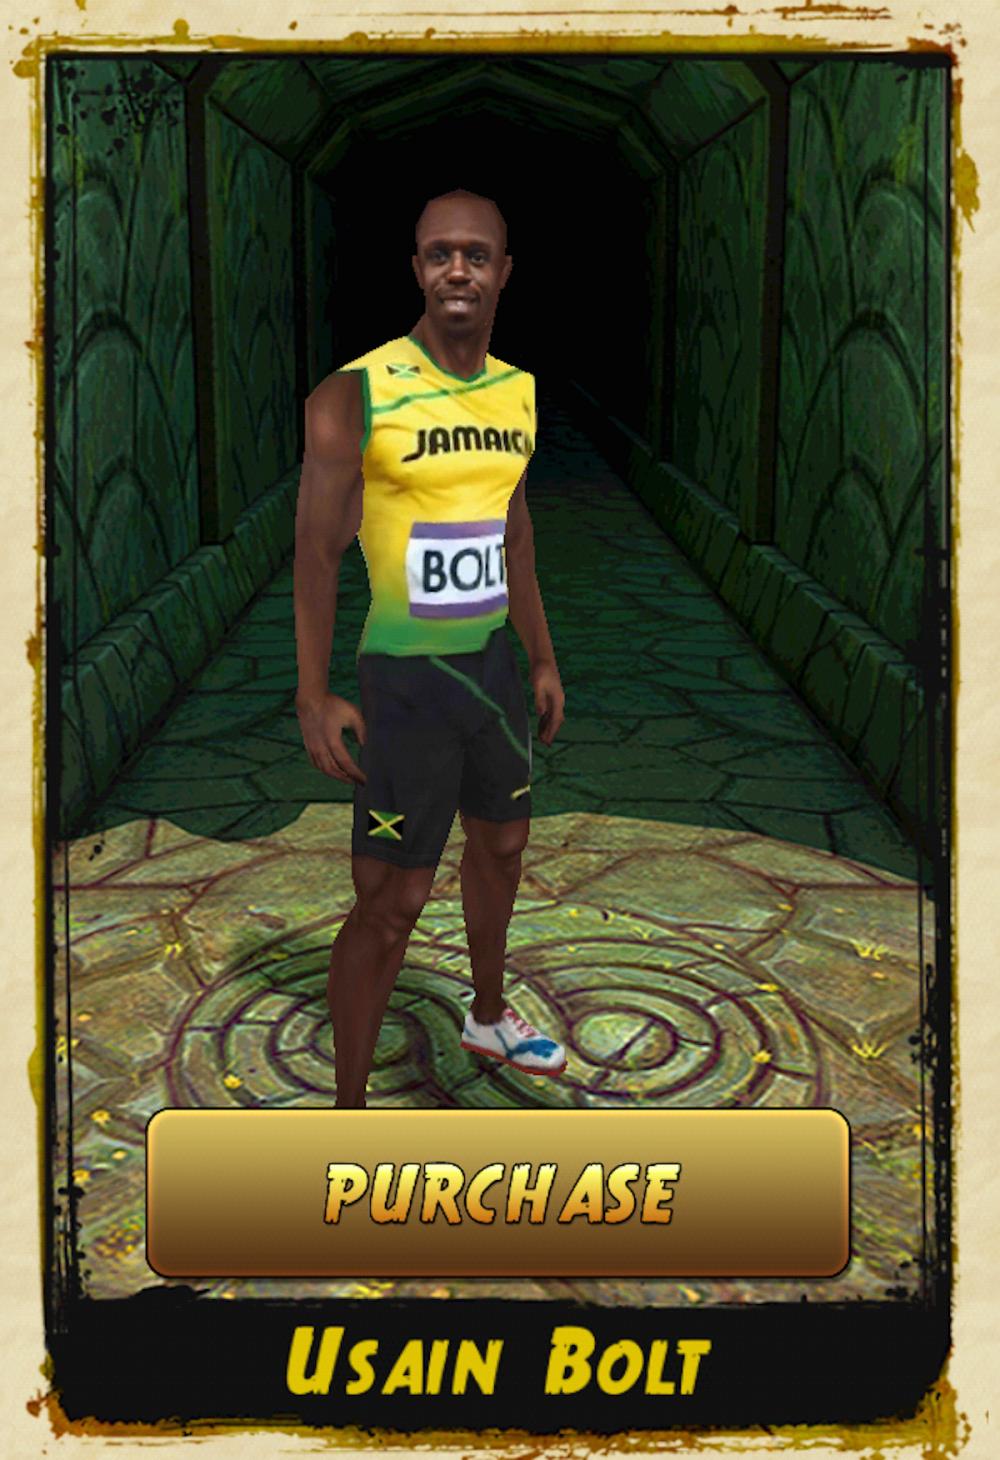 Nguoi dan ong nhanh nhat hanh tinh Usain Bolt kiem va tieu tien 'khung' den kinh ngac hinh anh 7